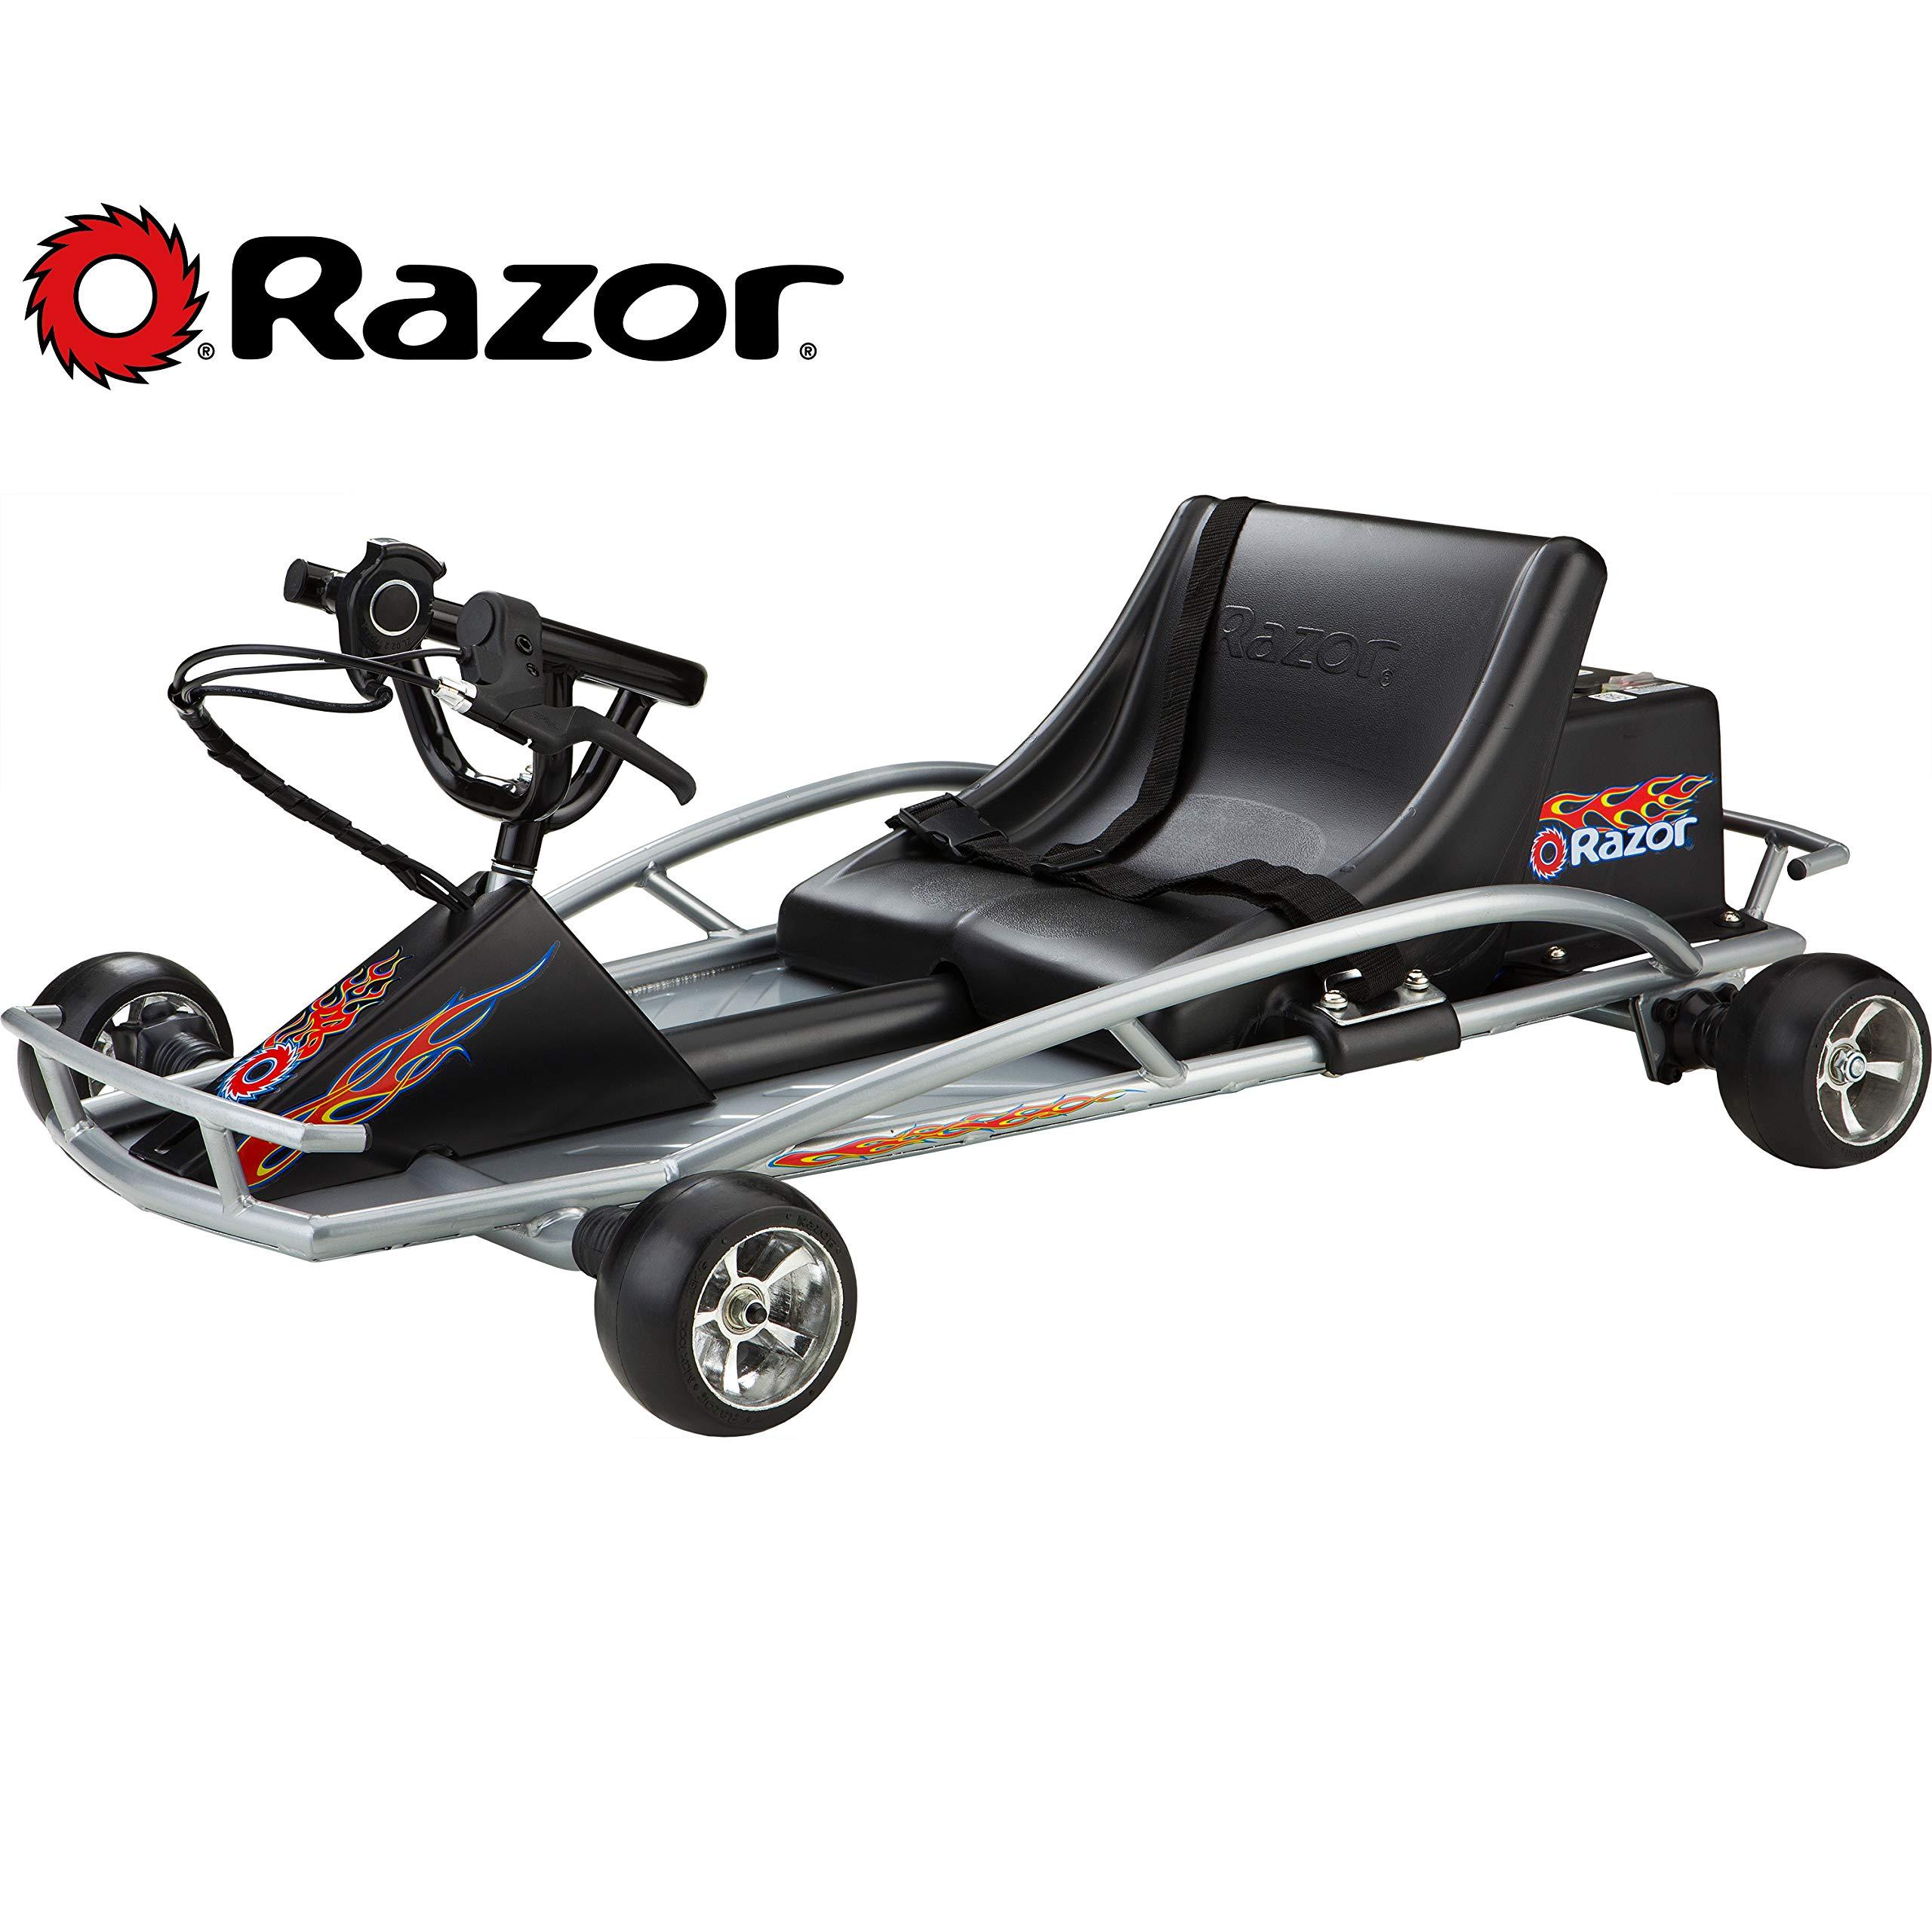 Razor Ground Force Electric Go-Kart (Silver) by Razor